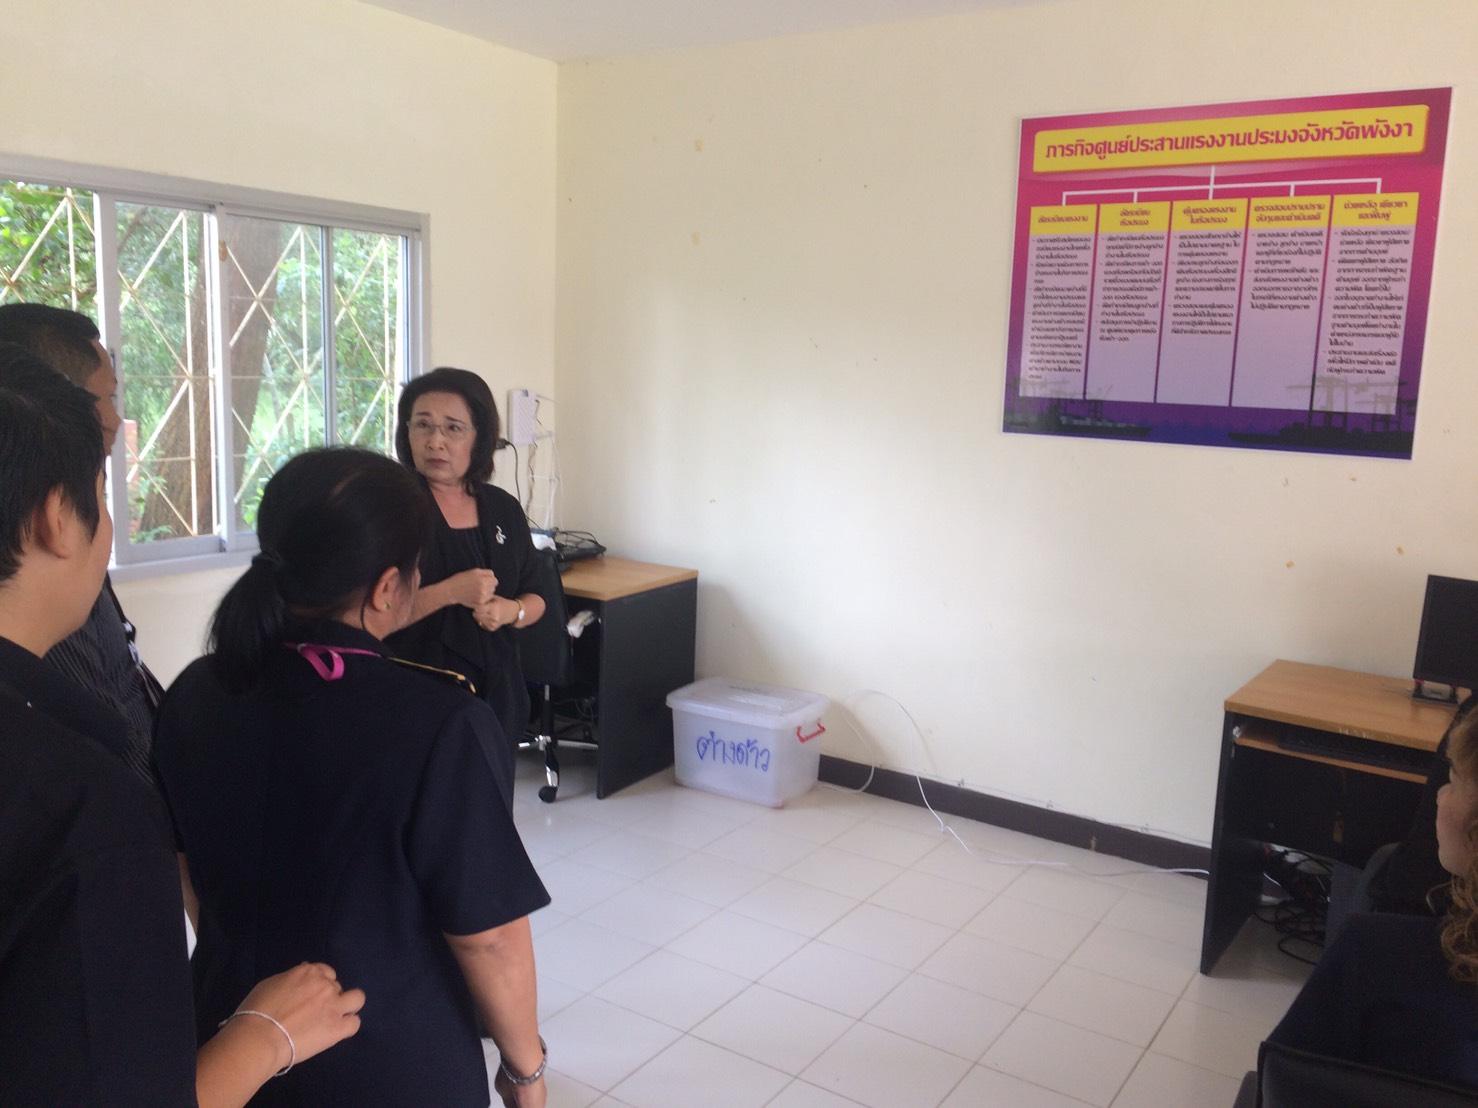 นางอิงอร ช่วยจวน ผู้ตรวจราชการกรมการจัดหางาน ลงพื้นที่ตรวจเยี่ยมสำนักงานจังหวัดพังงา